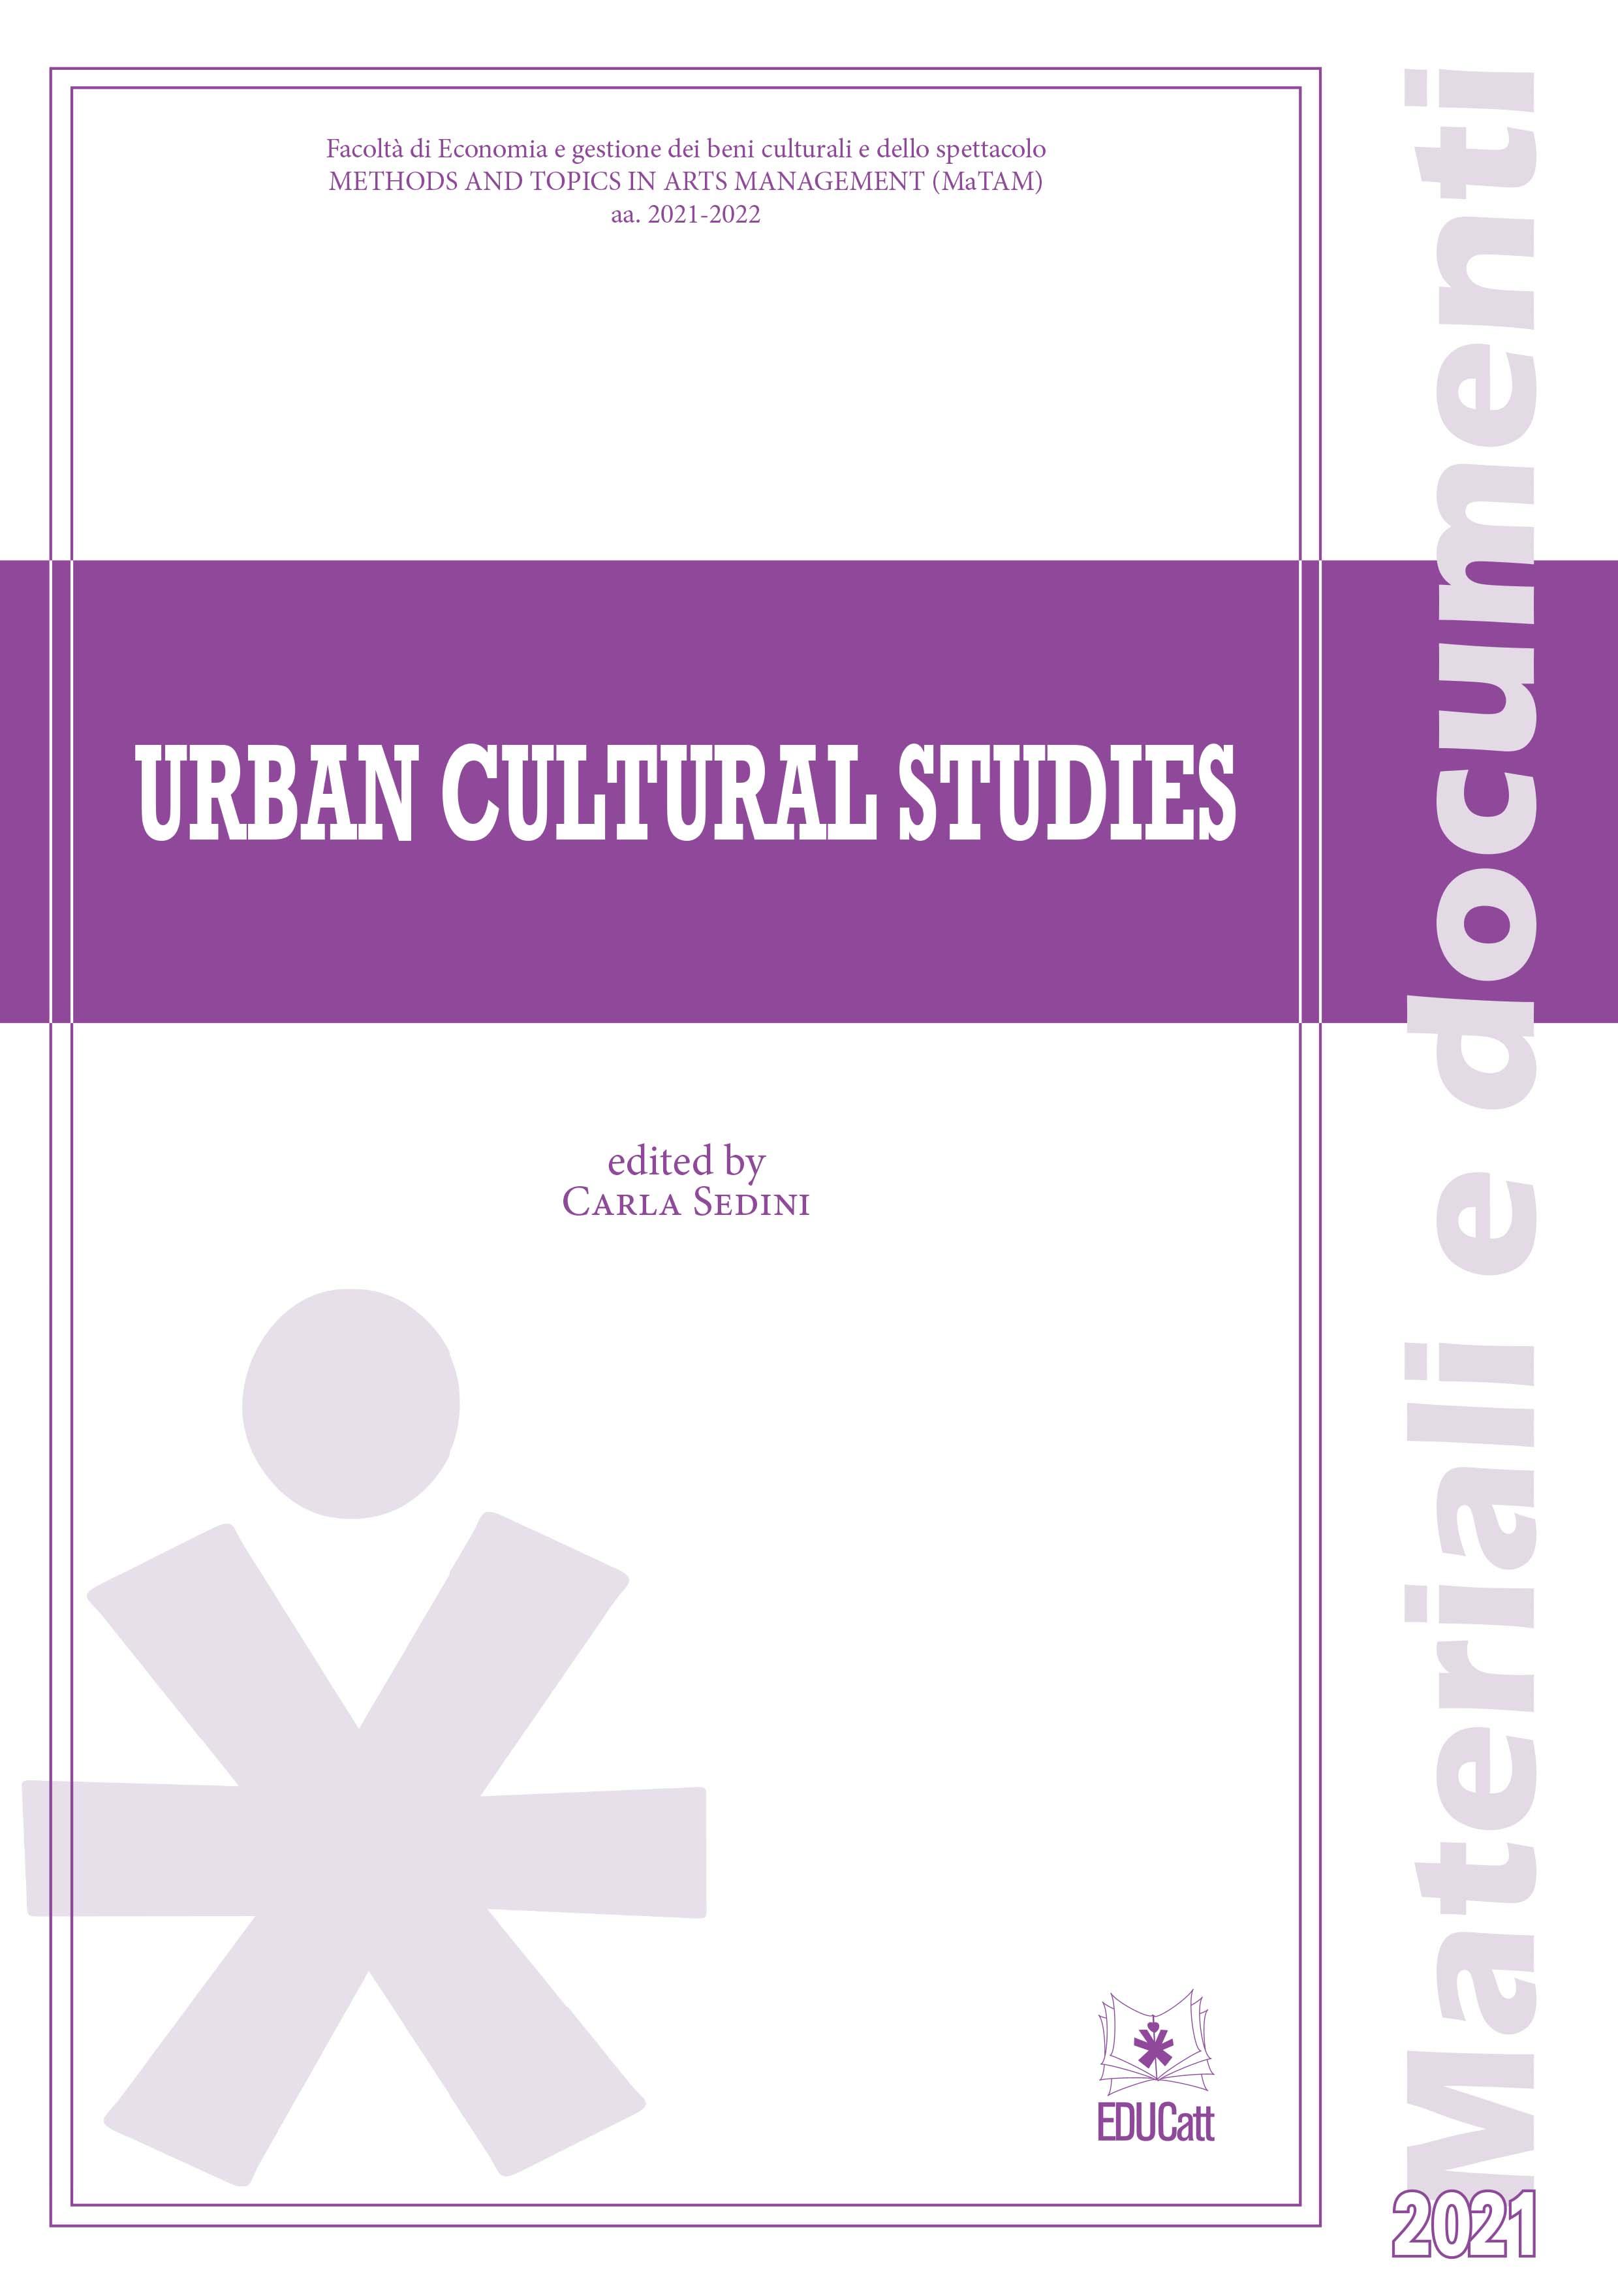 URBAN CULTURAL STUDIES 2021